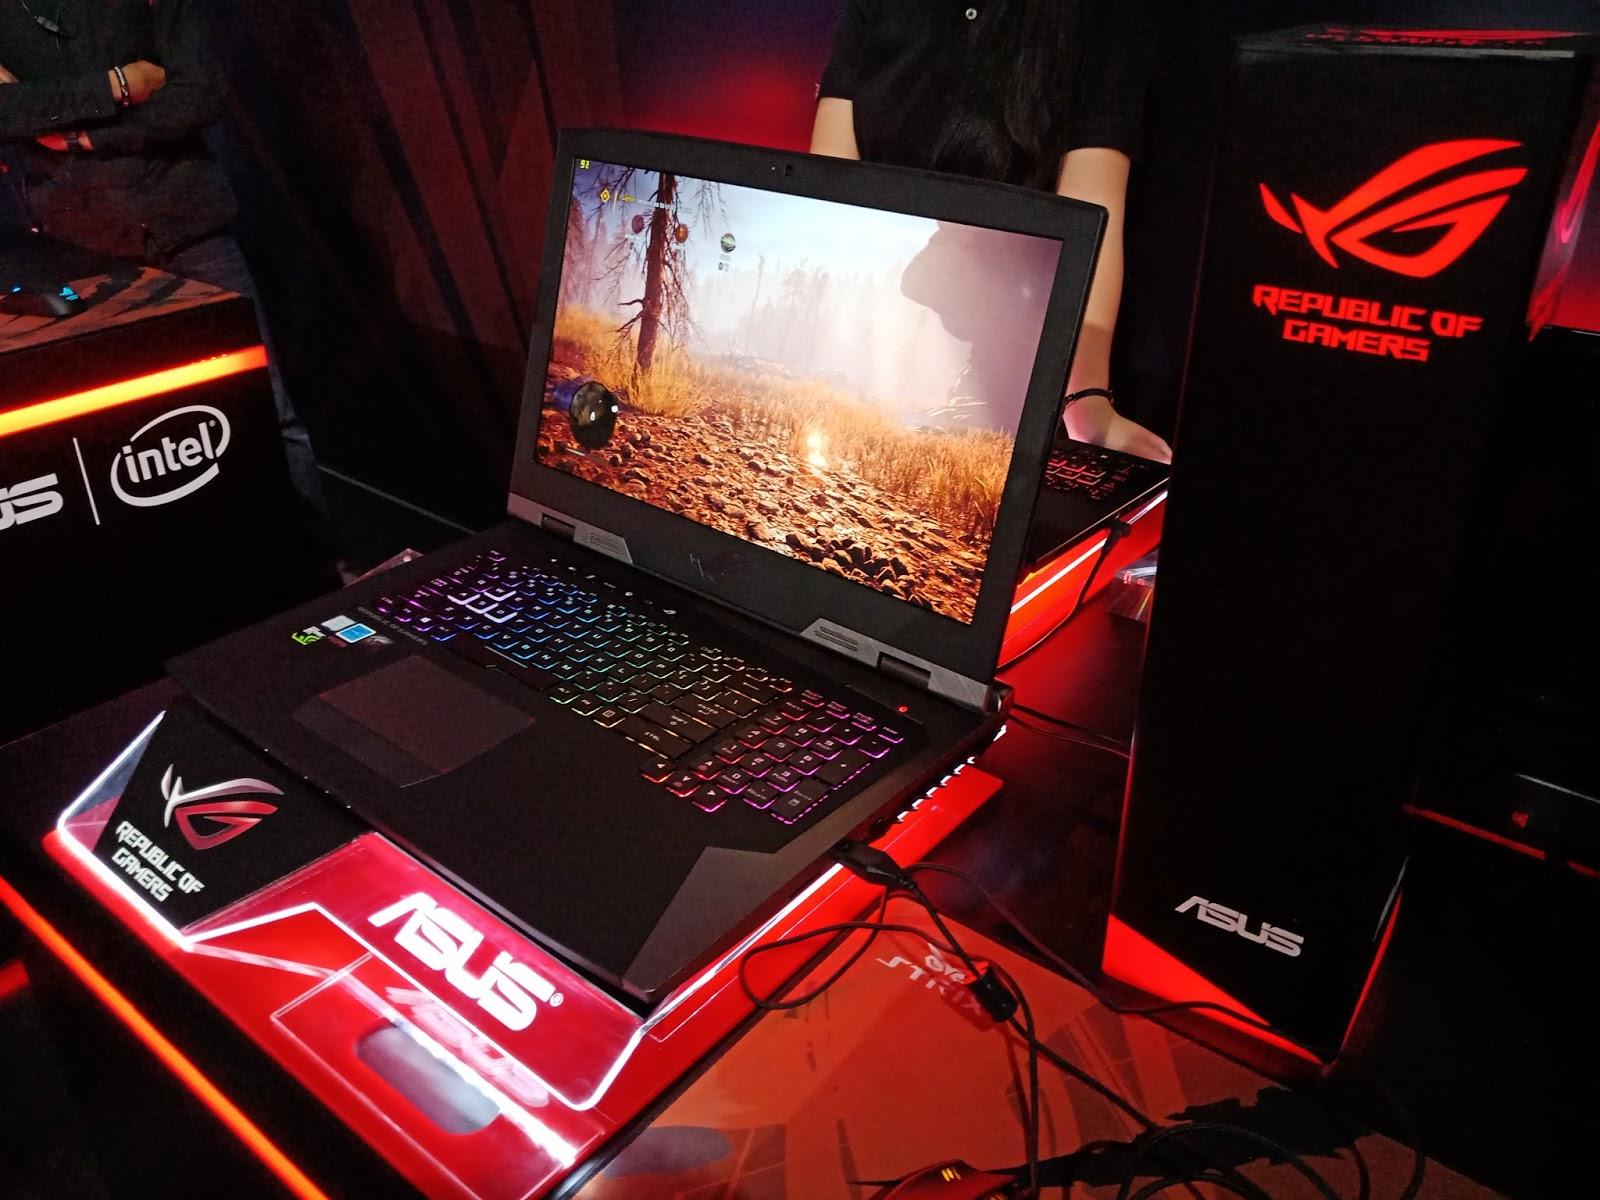 Blog Jasa Keuangan dan Teknologi: ASUS Hadirkan Tiga Seri Terbaru Laptop  Gaming ROG untuk Manjakan Gamers